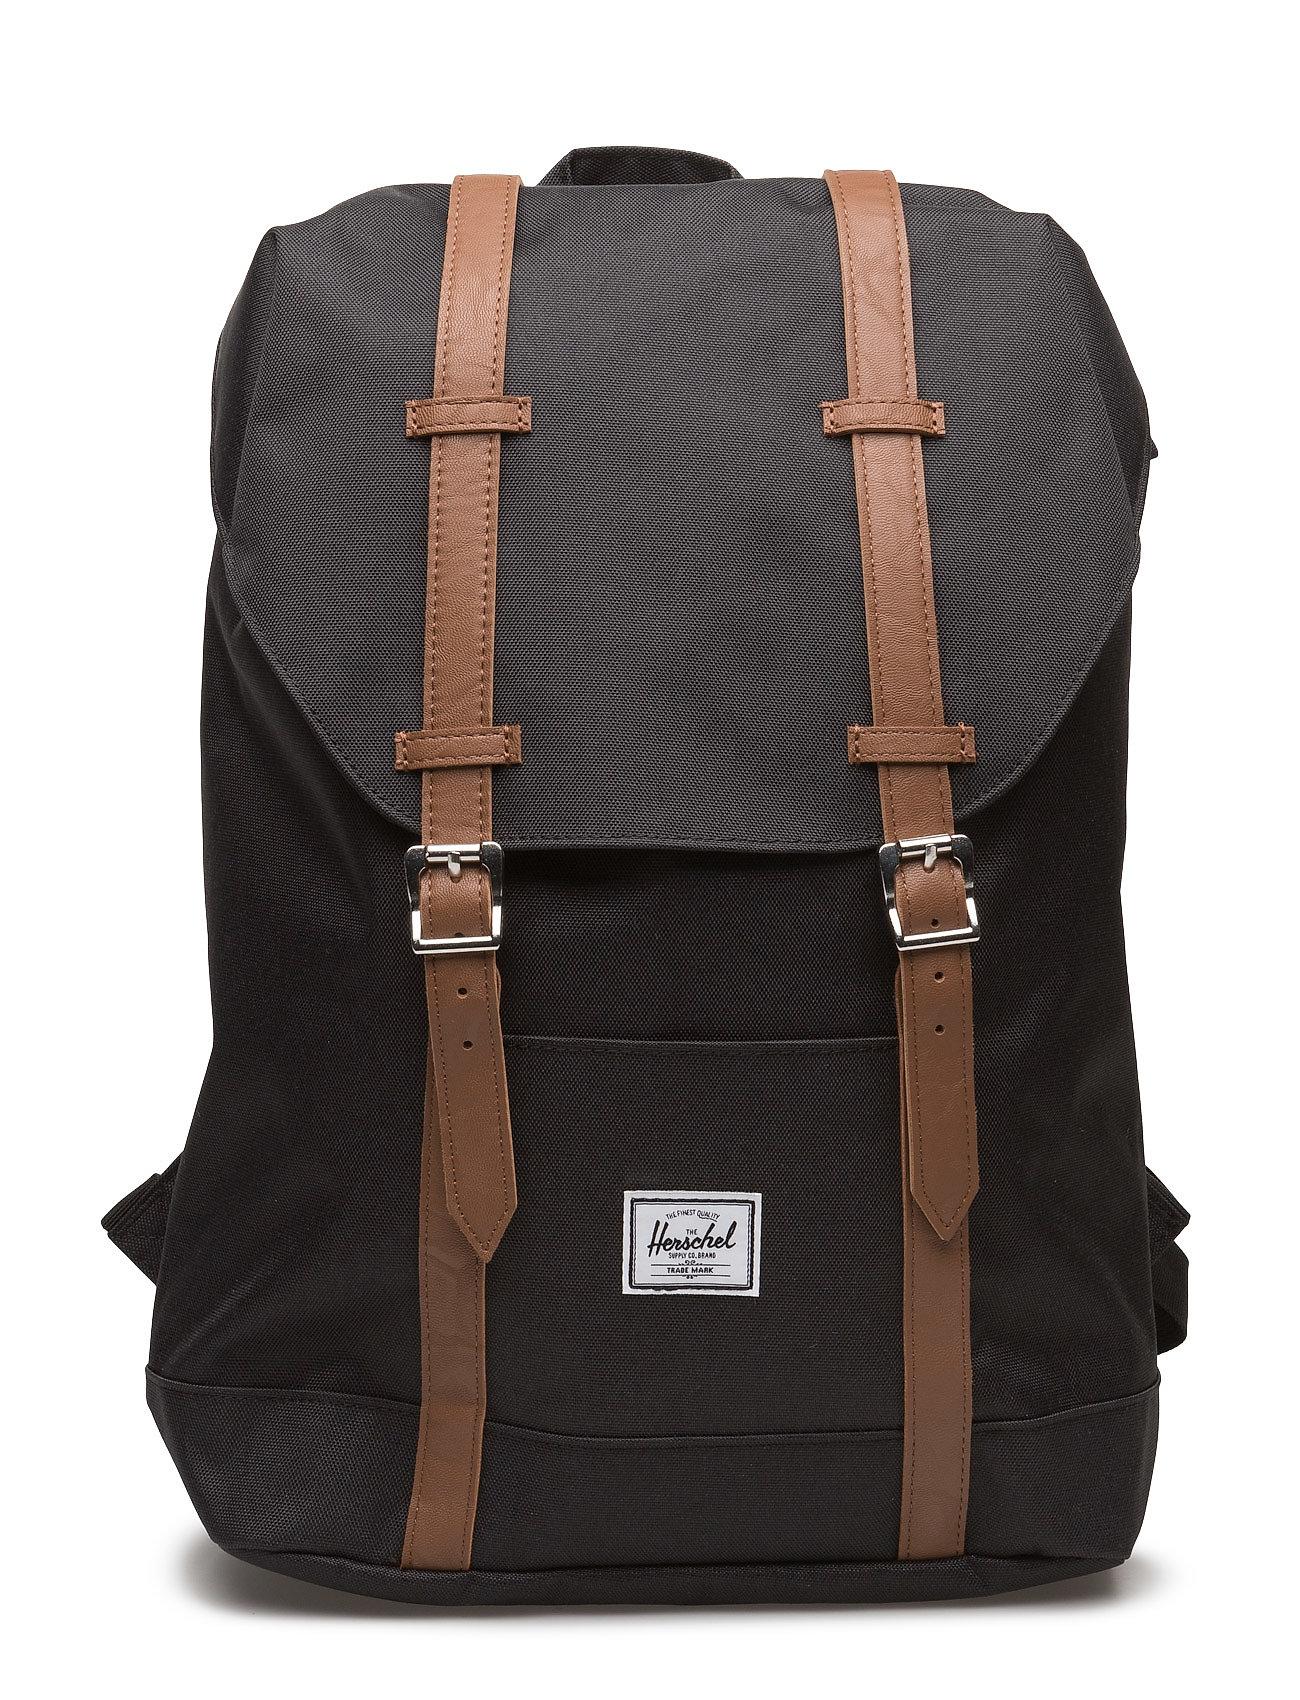 HERSCHEL Retreat Mid-Volume - Black/Tan Synthetic Leather Rucksack Tasche Schwarz HERSCHEL